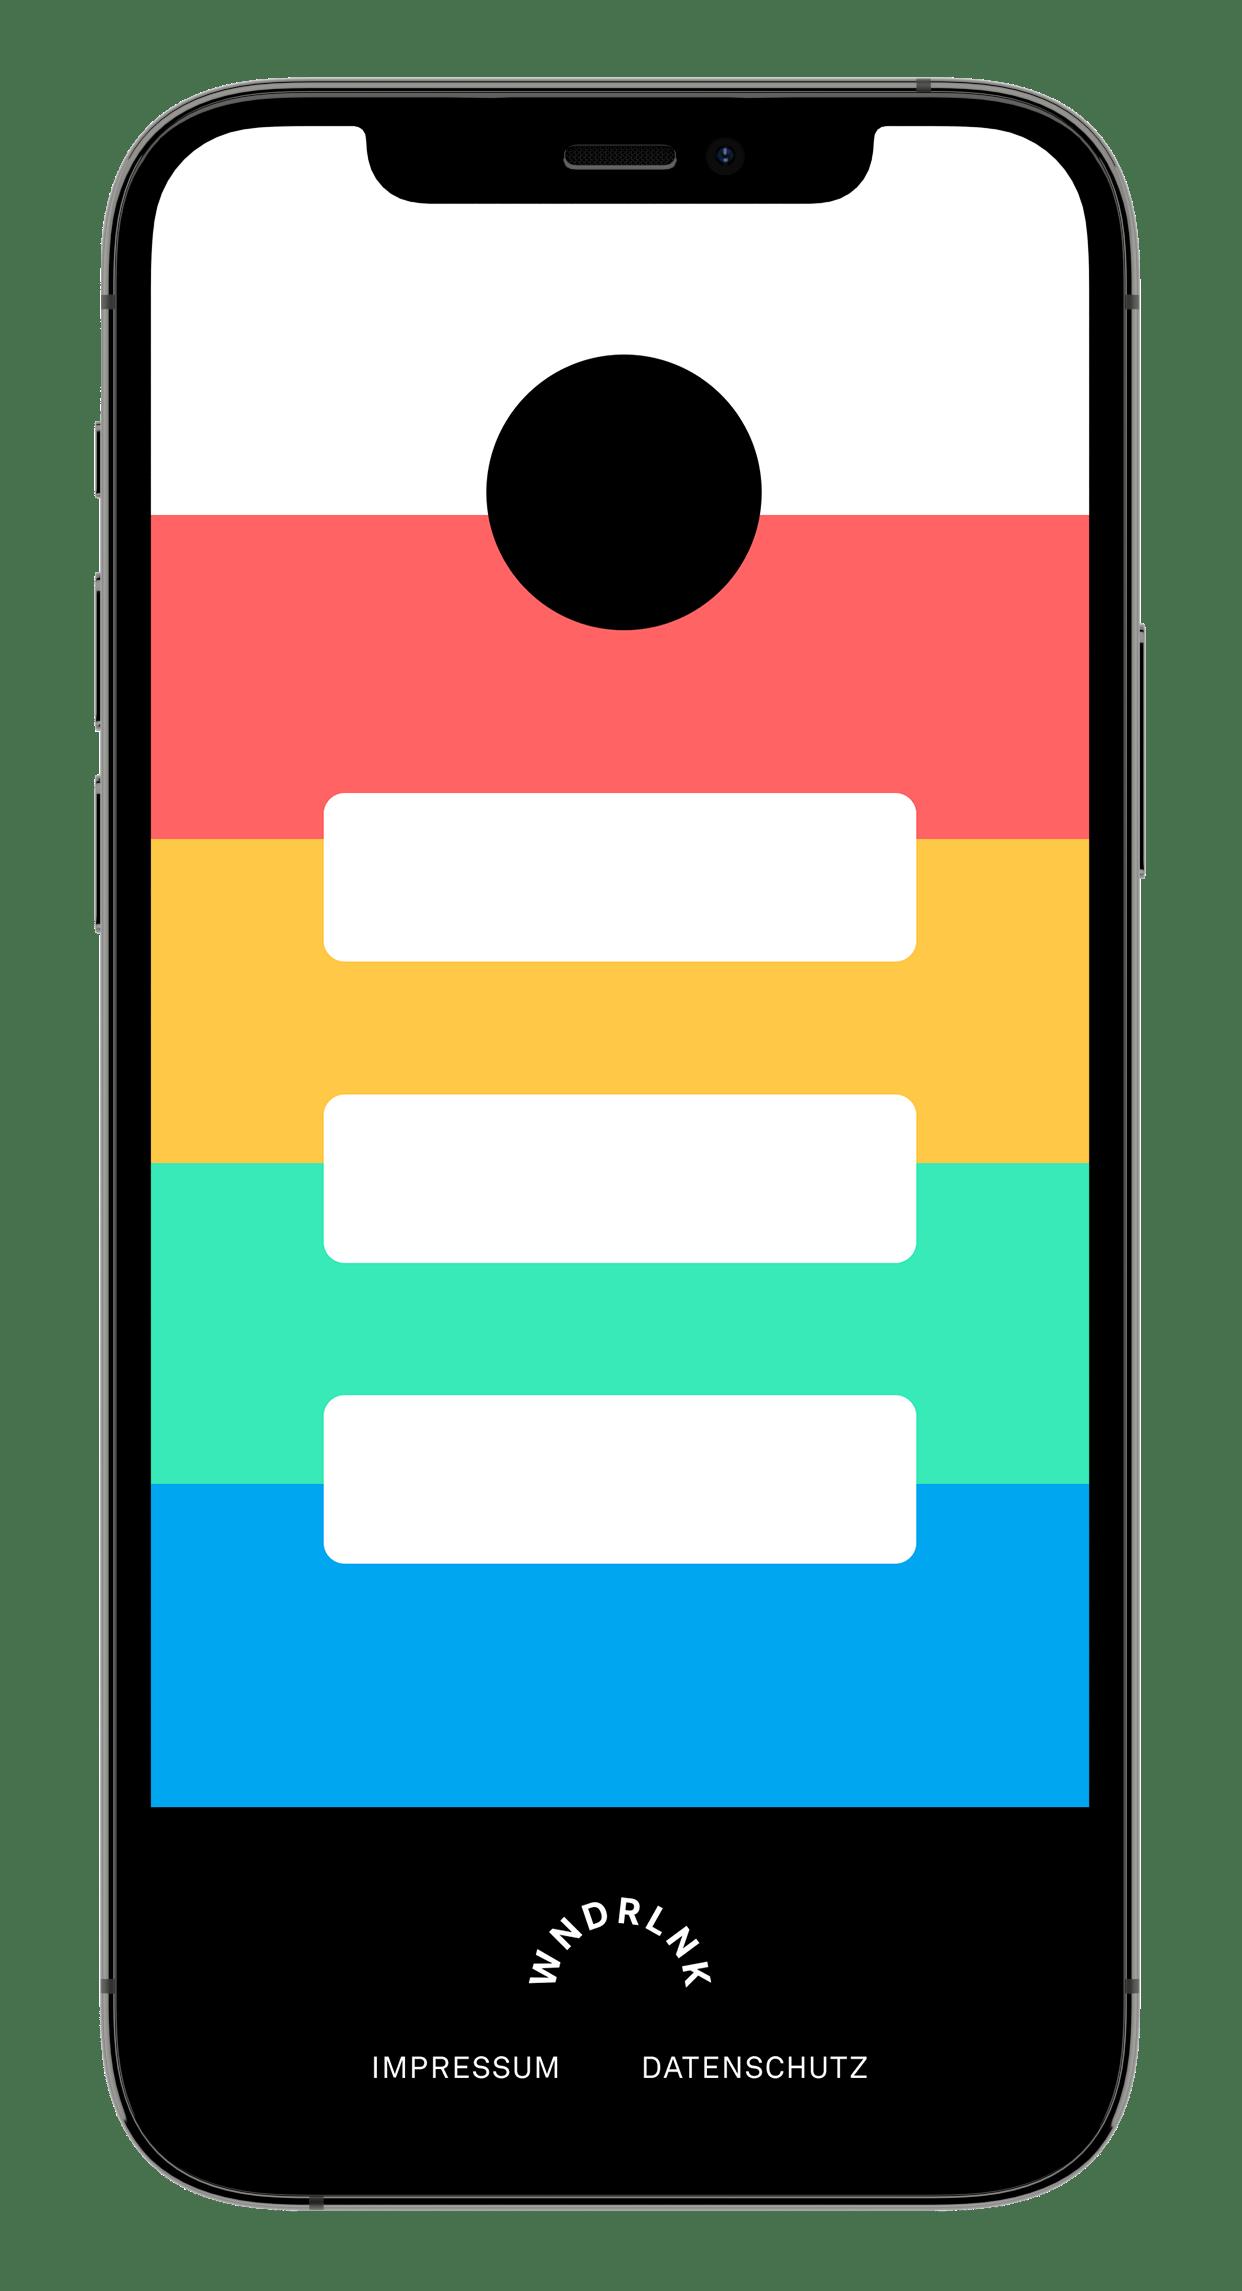 wonderlink phone app